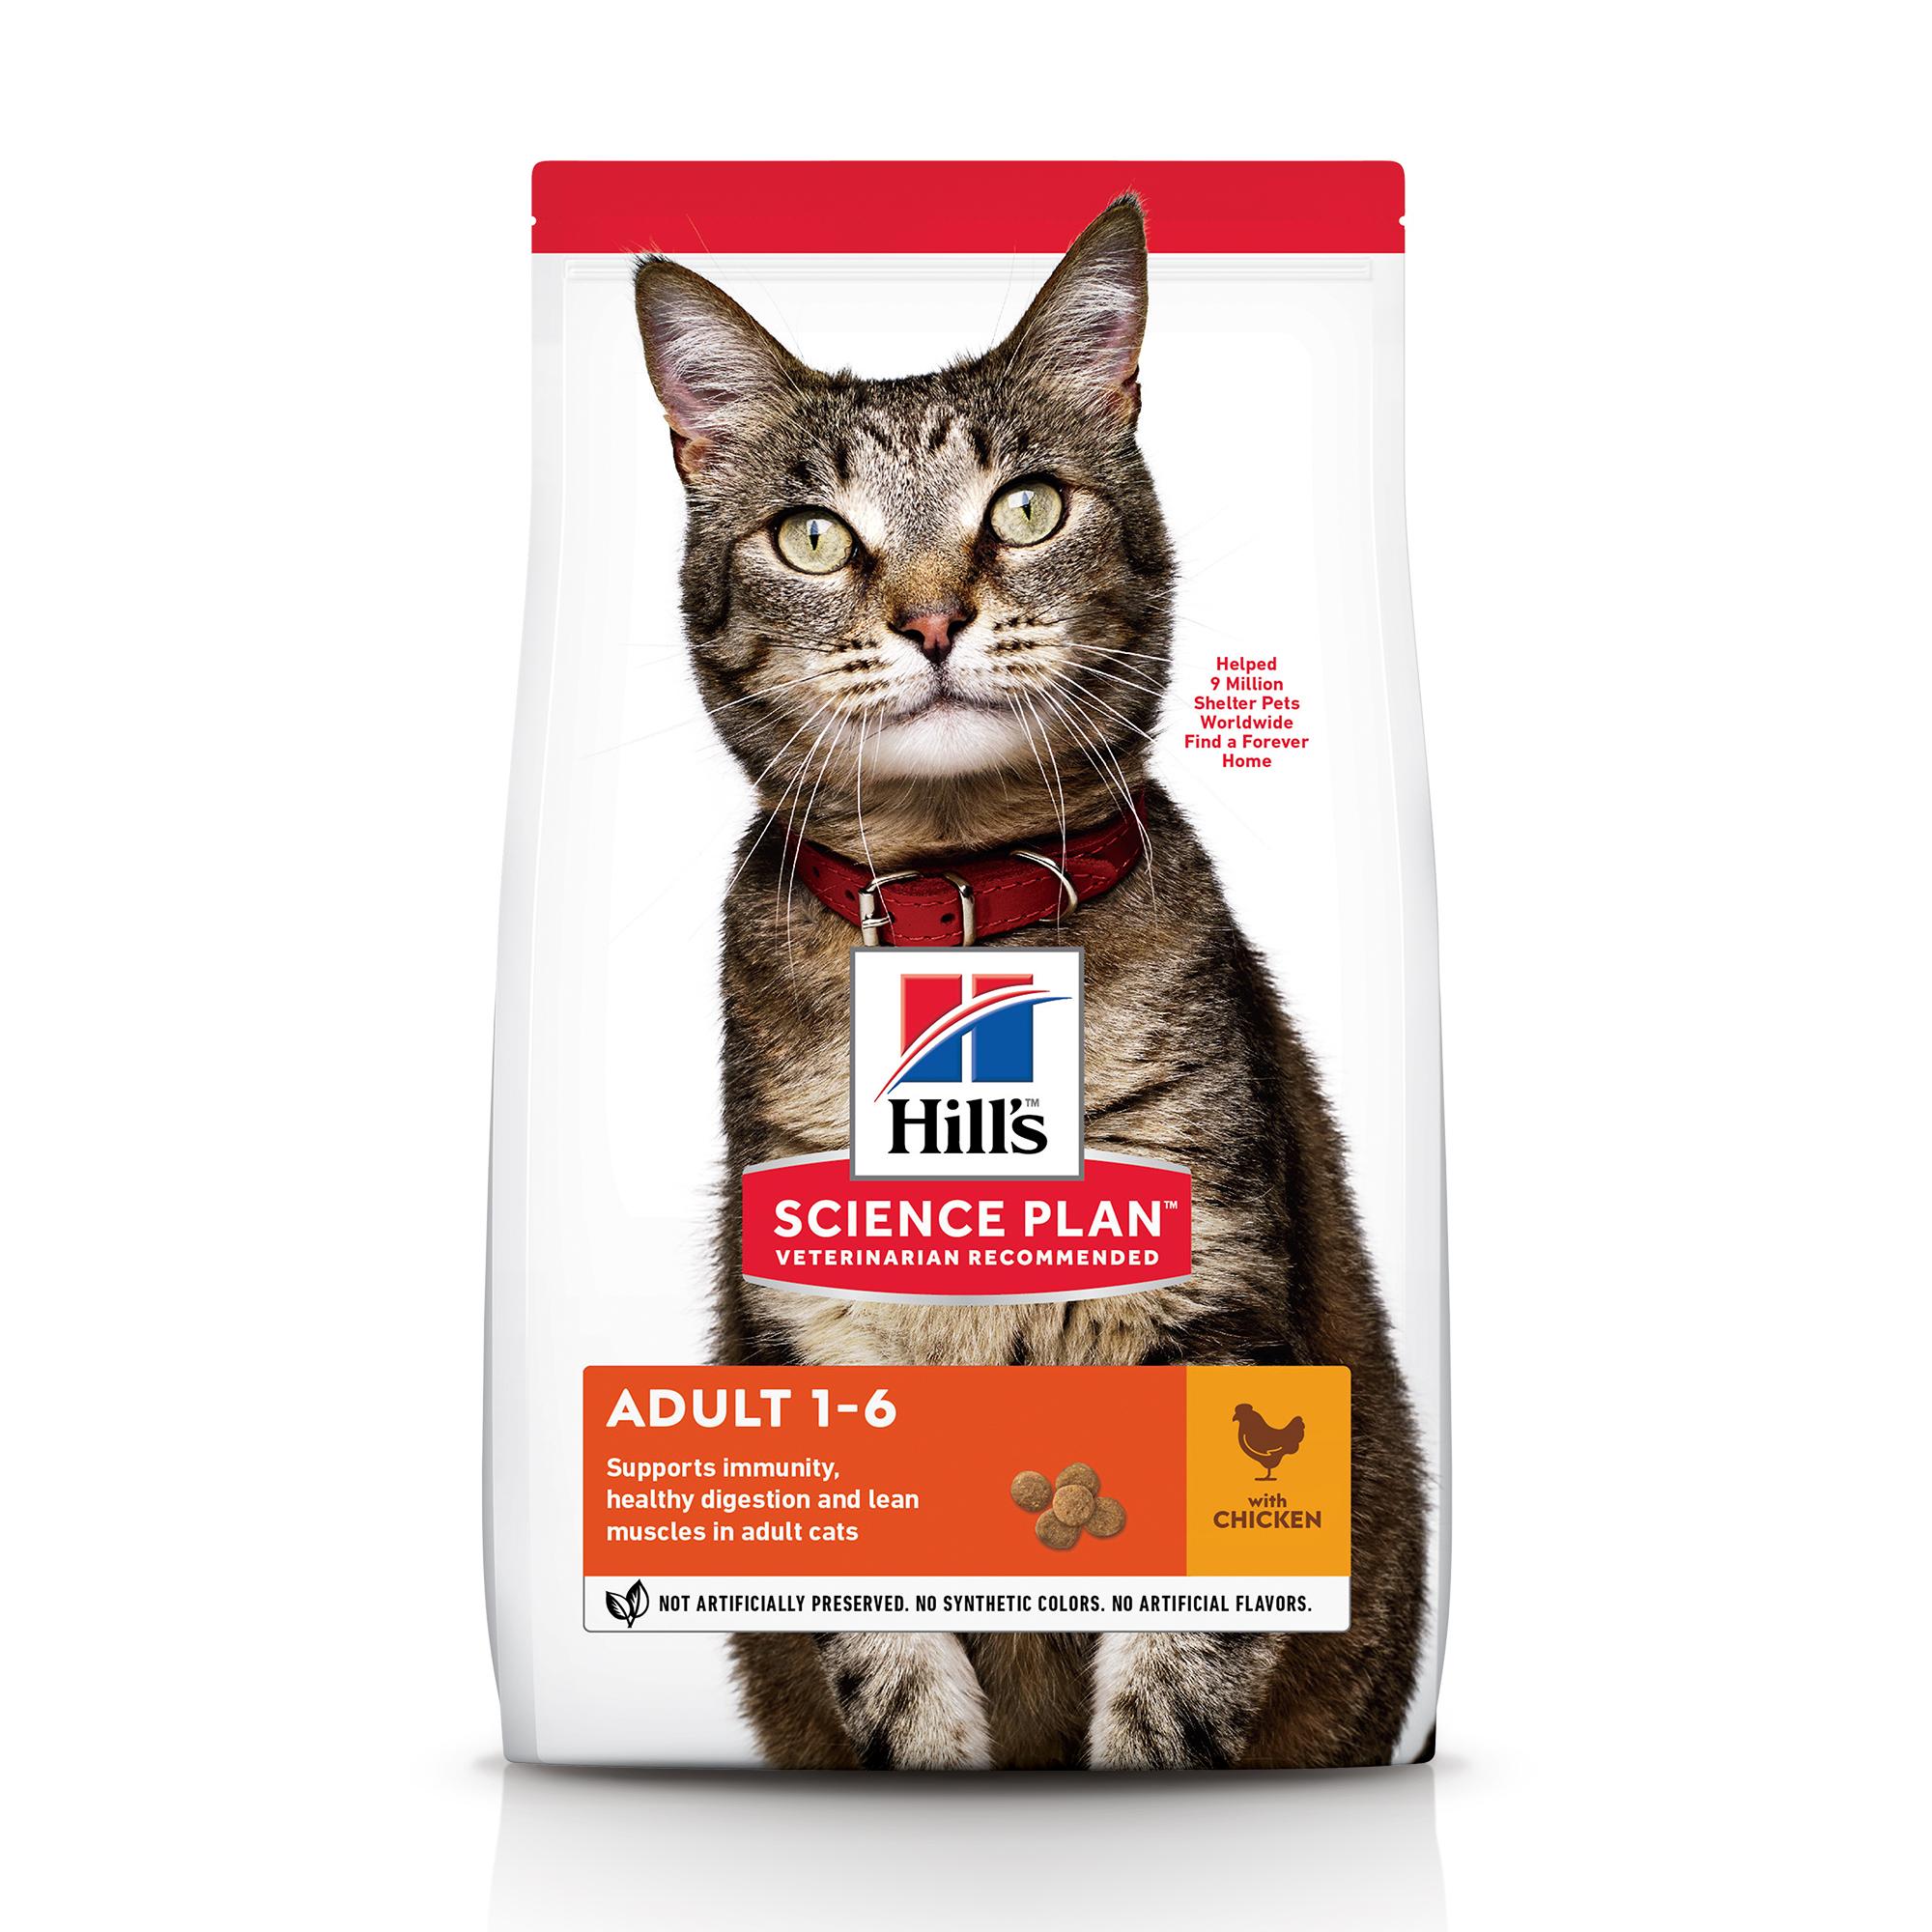 Сухой корм Hill's Science Plan для взрослых кошек для поддержания жизненной энергии и иммунитета с курицей, 1.5кг